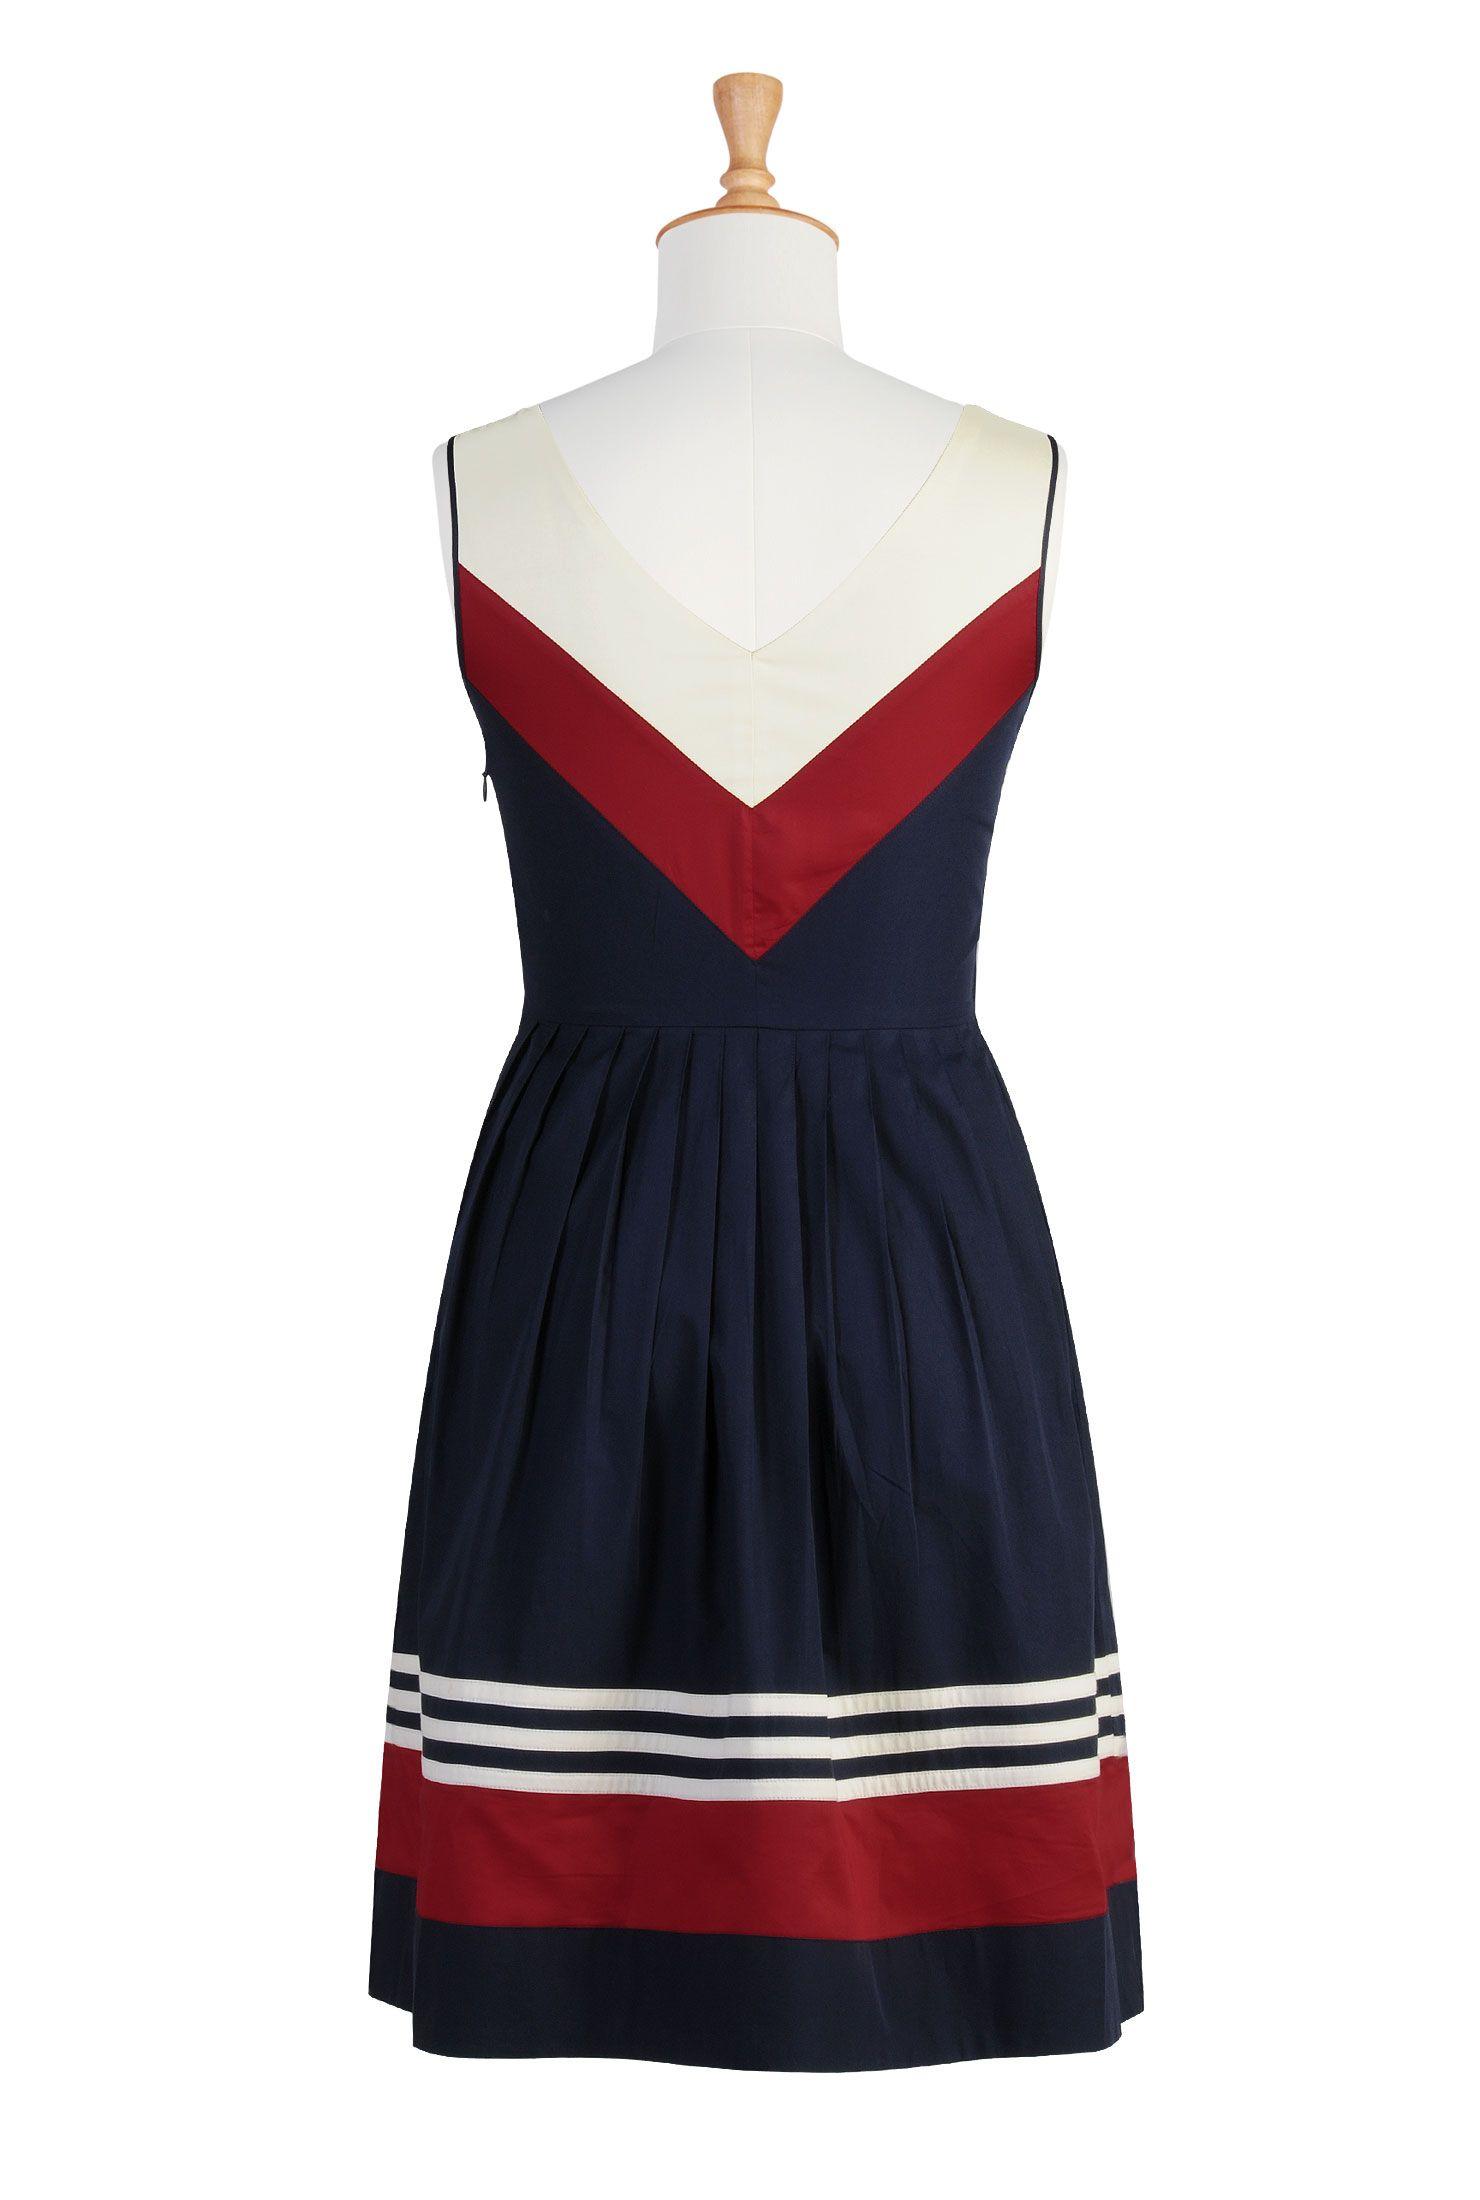 Custom Dresses Online Women S Clothing 4th Of July Dresses Fashion Clothes Women Dresses [ 2200 x 1480 Pixel ]